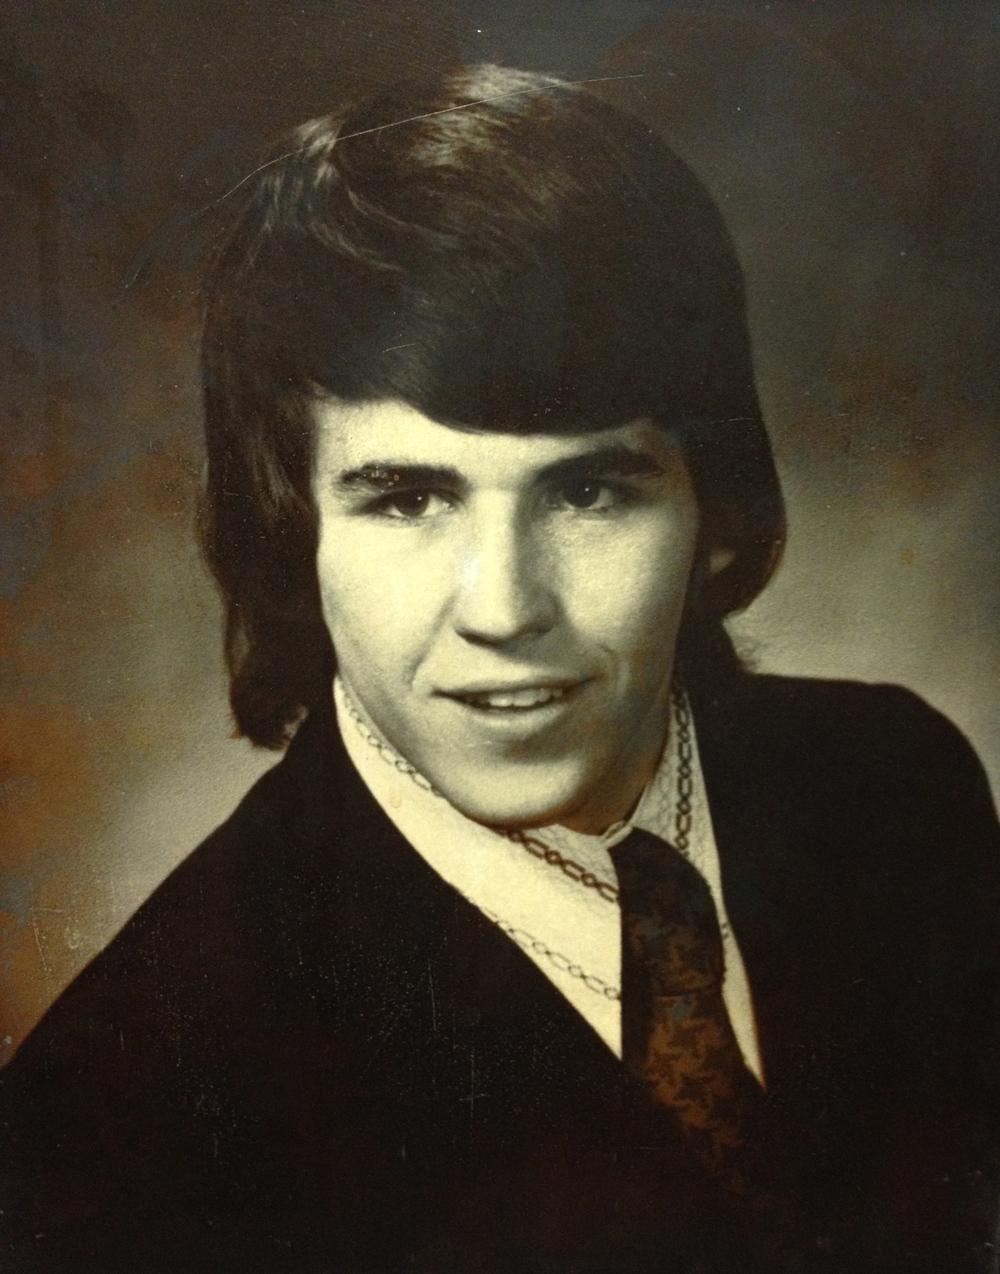 Fran O'Brien 1972